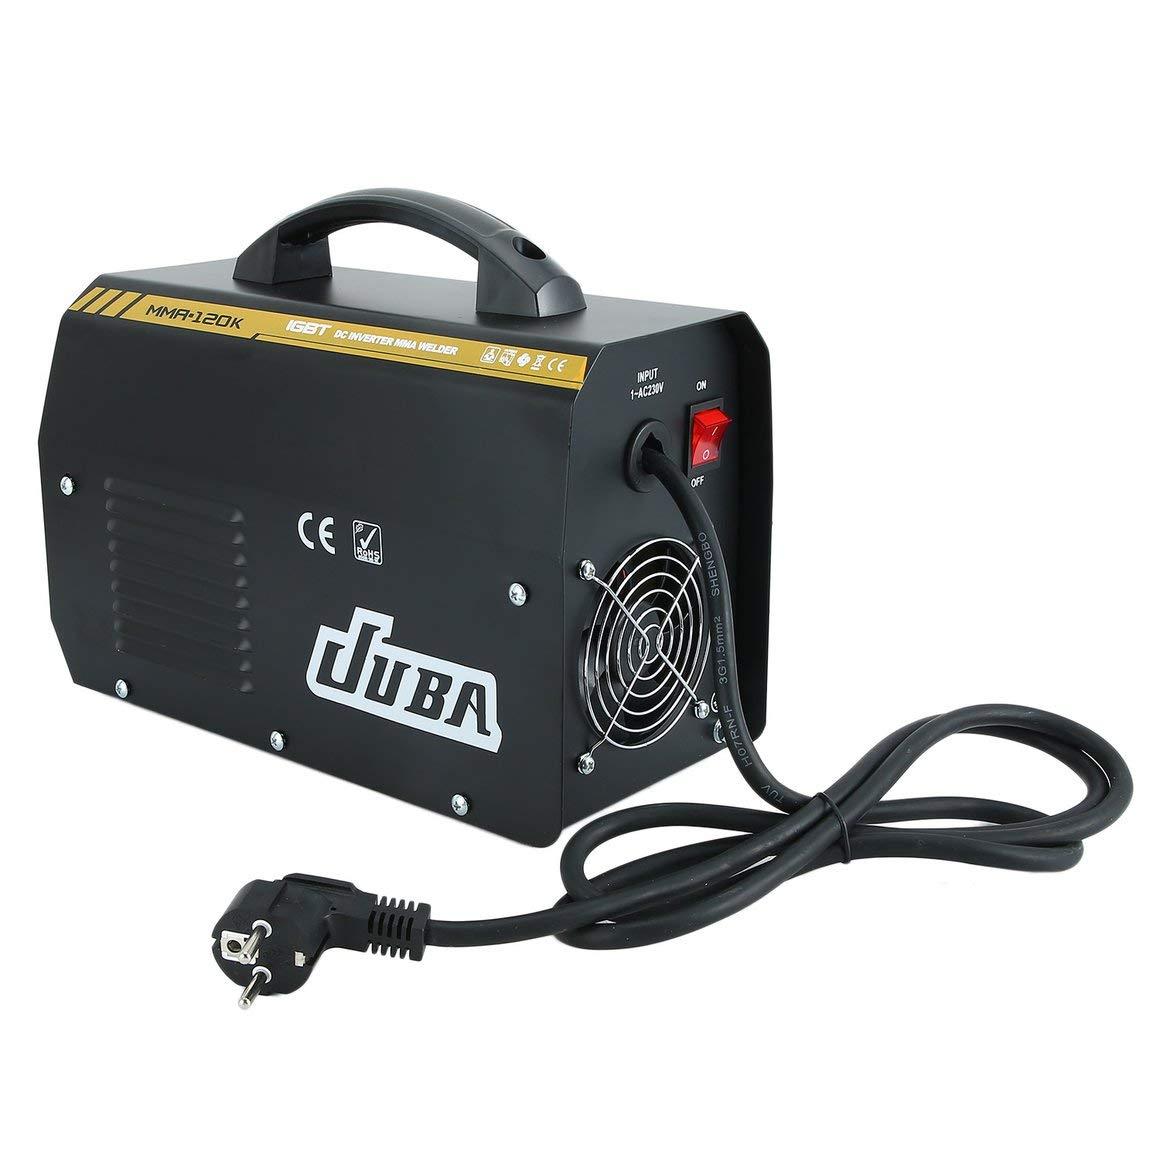 Funnyrunstore JUBA MMA-120 IGBT Electrodos Máquina soldadora inversora Máquina soldadora eléctrica profesional Equipo de soldadura MMA Enchufe: Amazon.es: ...